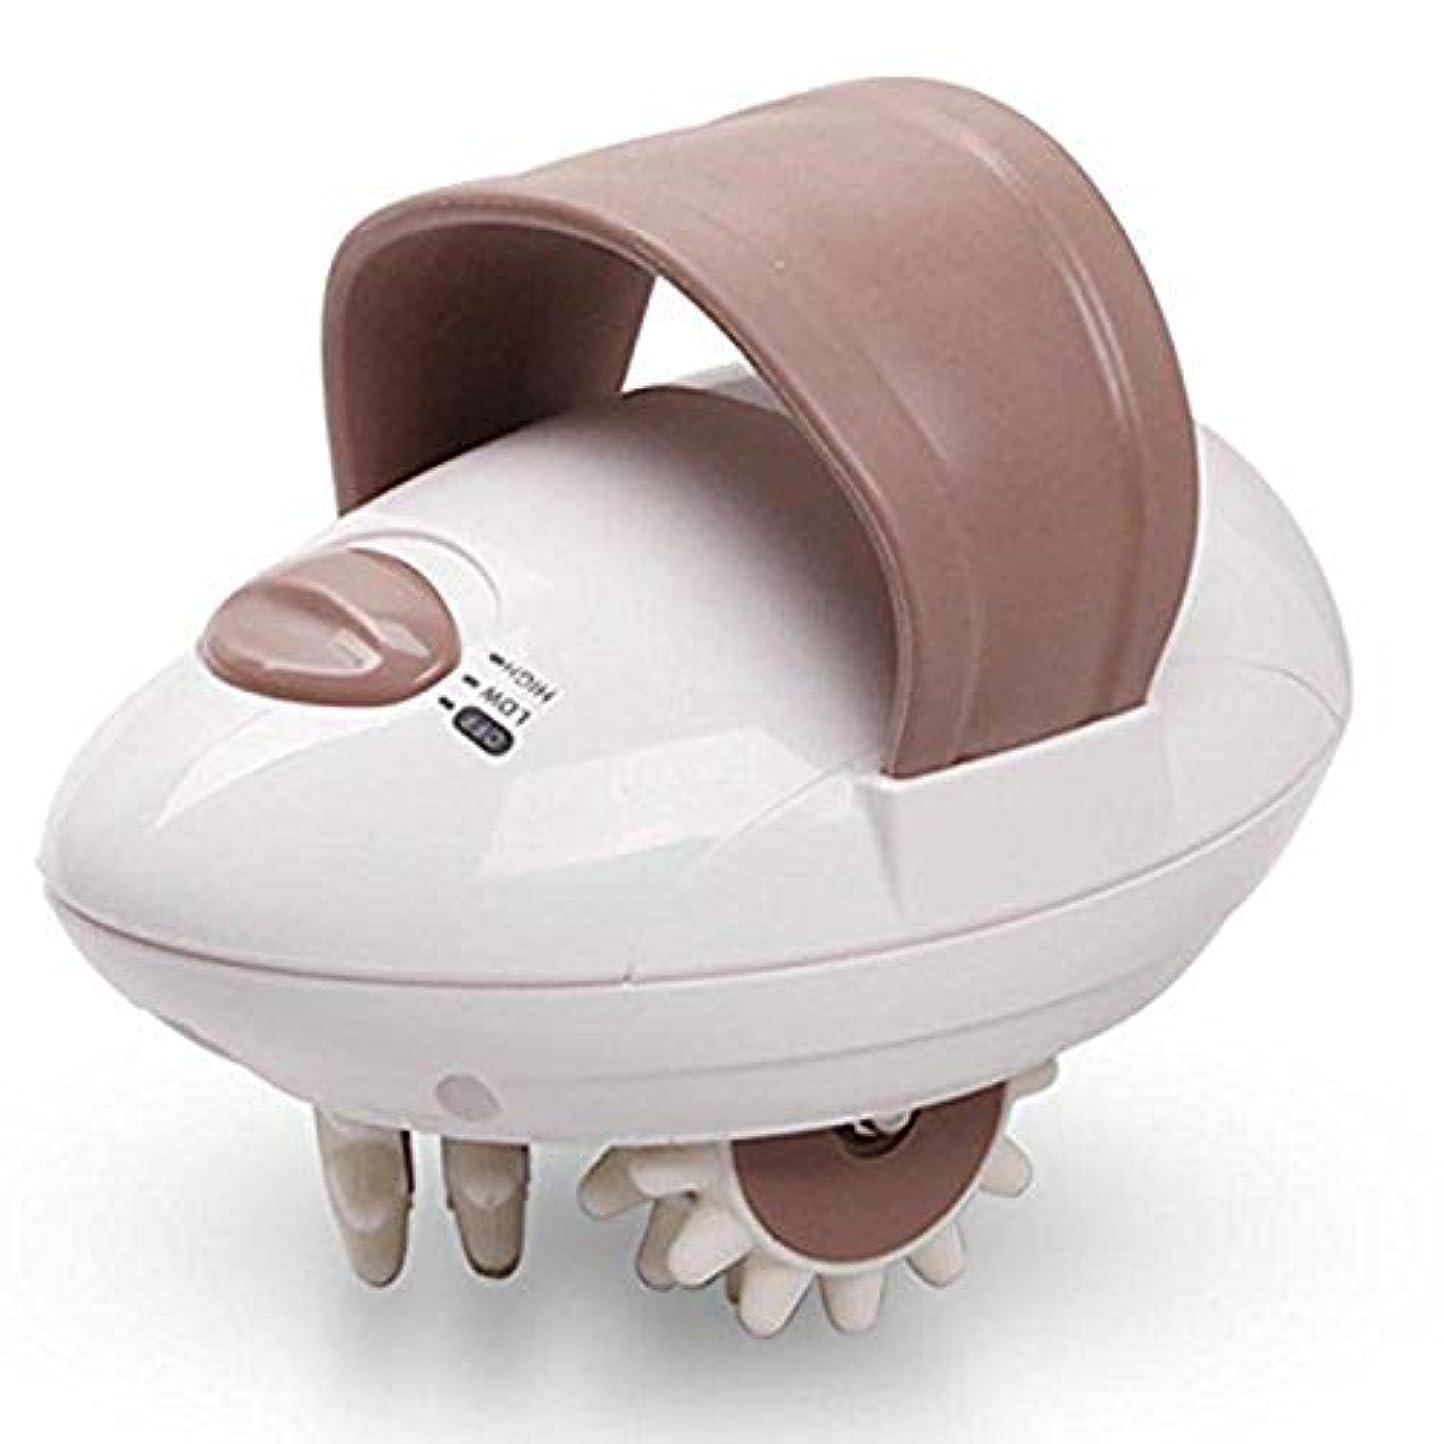 検体スポーツ斧3D Electric Full Body Slimming Massager Roller Cellulite Massaging Smarter Device Weight Loss Fat Burning Relieve...